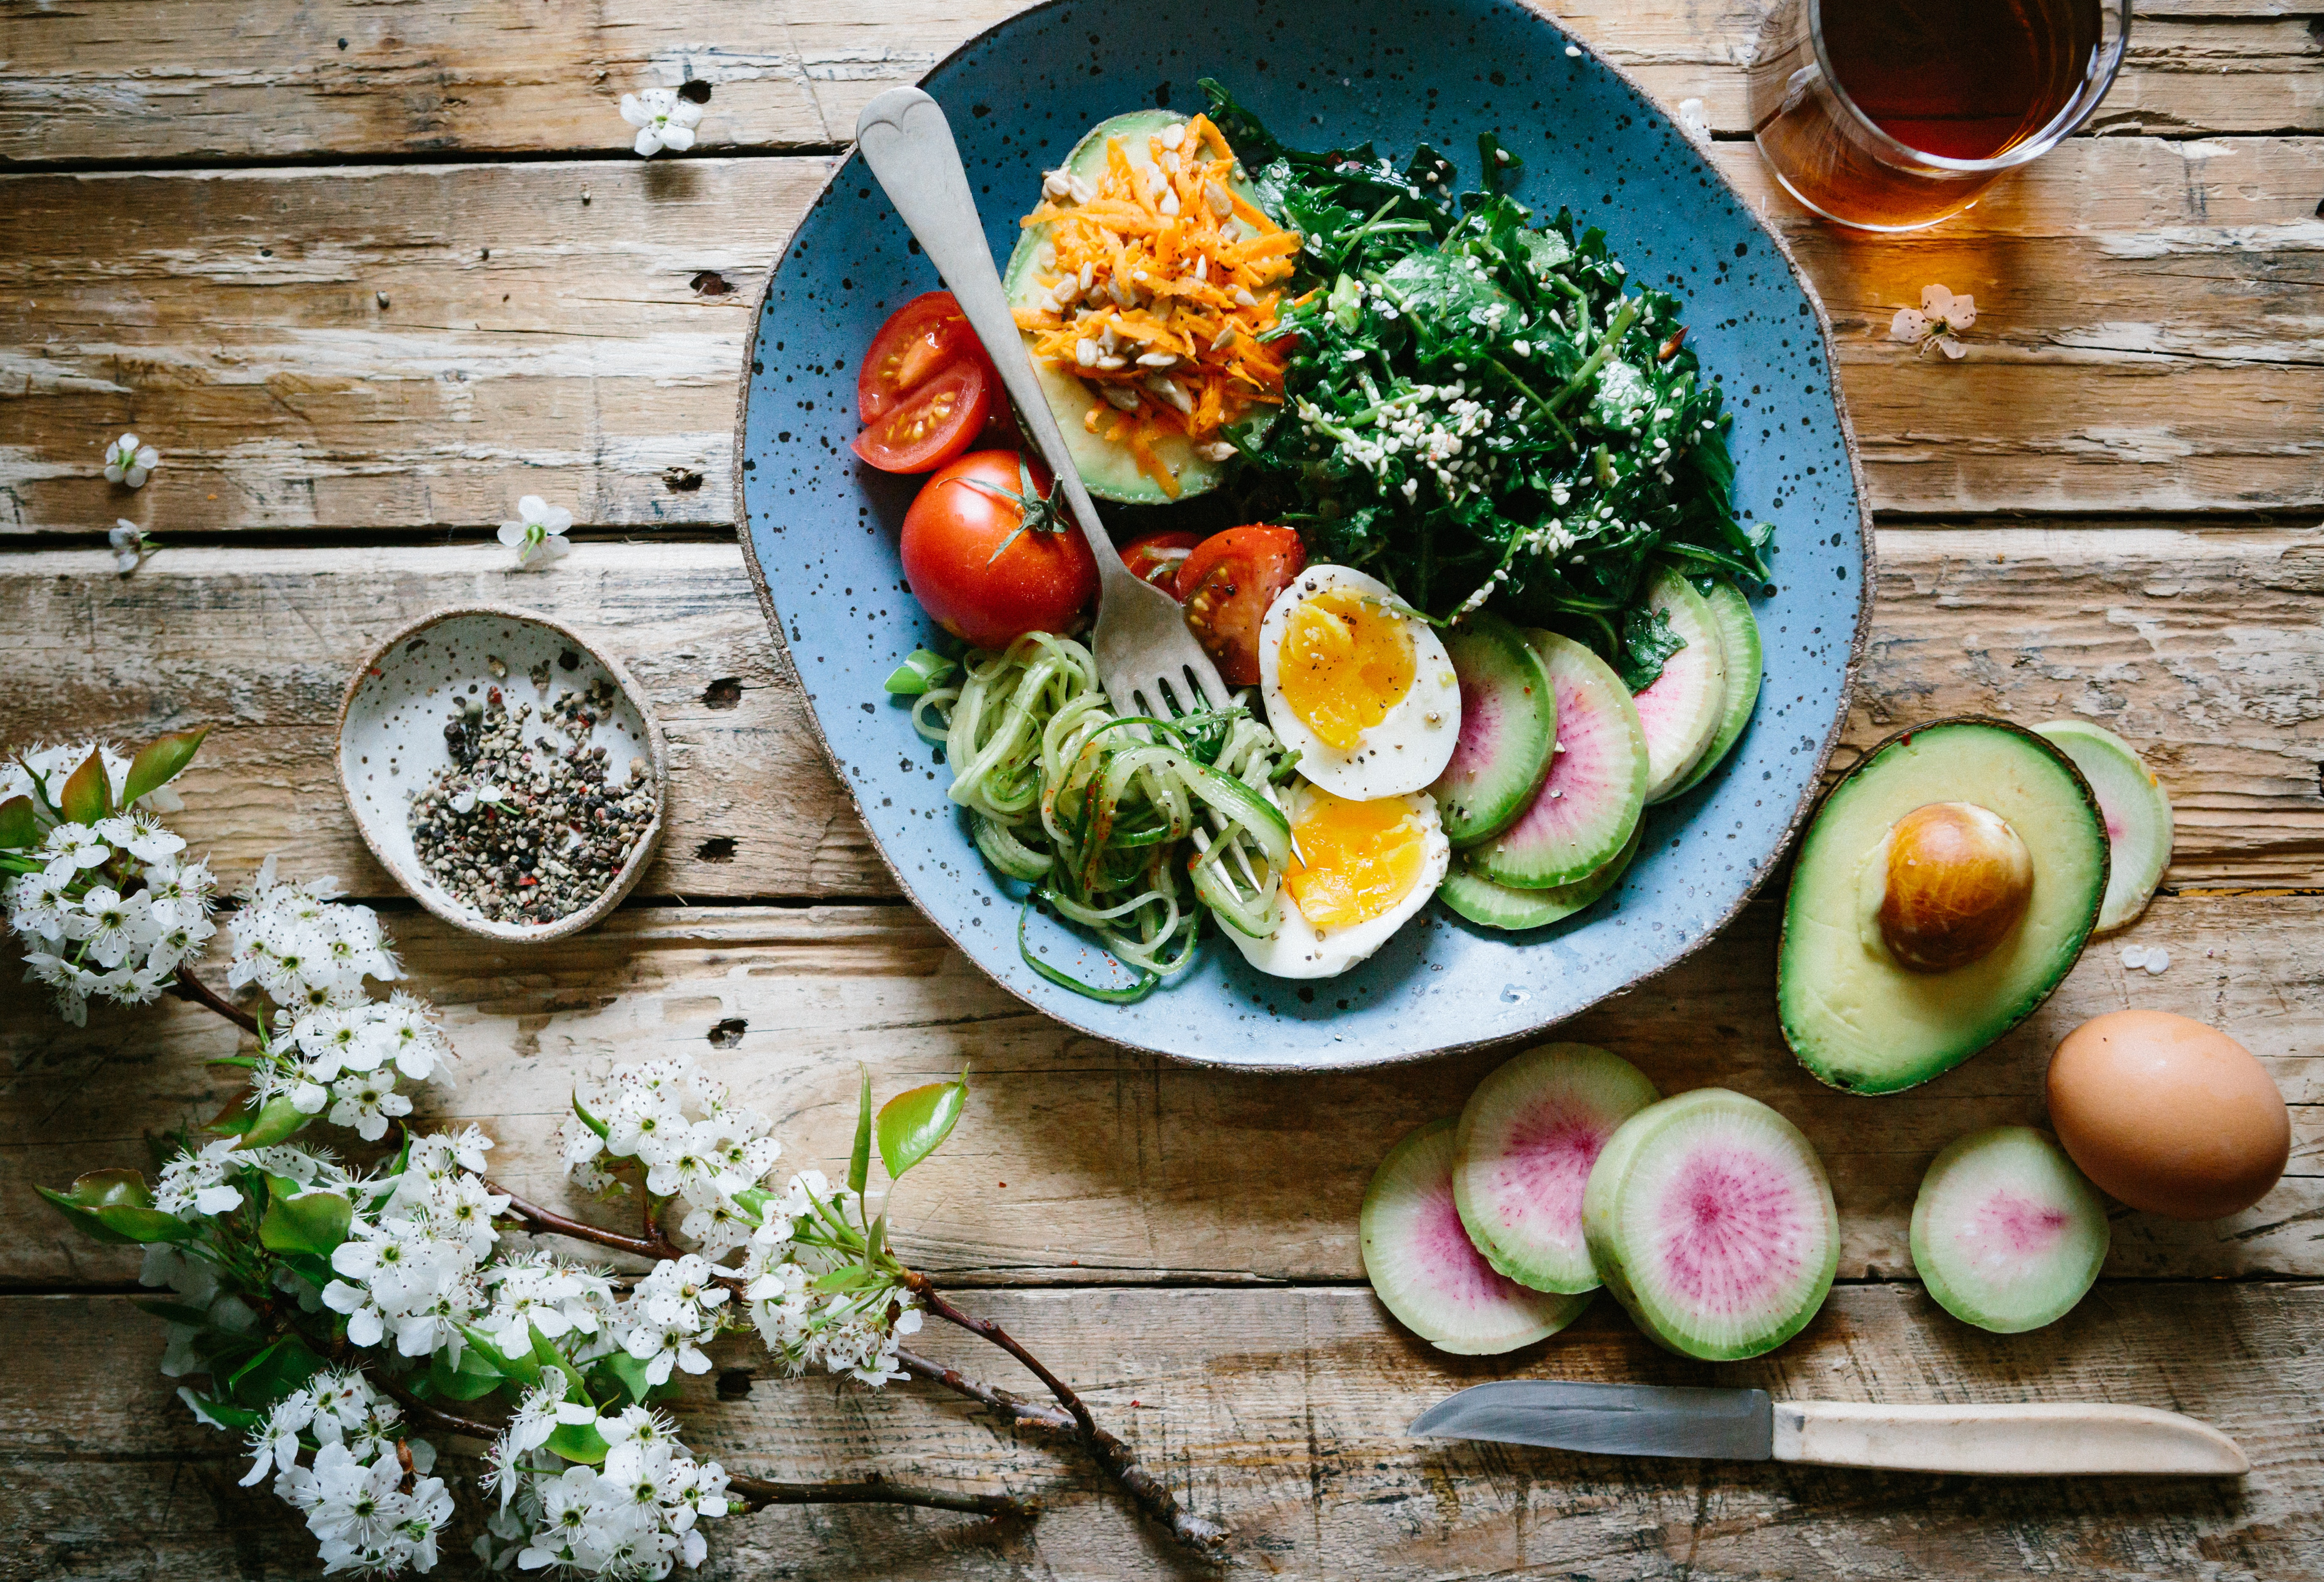 健康を考えて毎日食べる食べ物と飲み物を見直す!おすすめ飲料は?